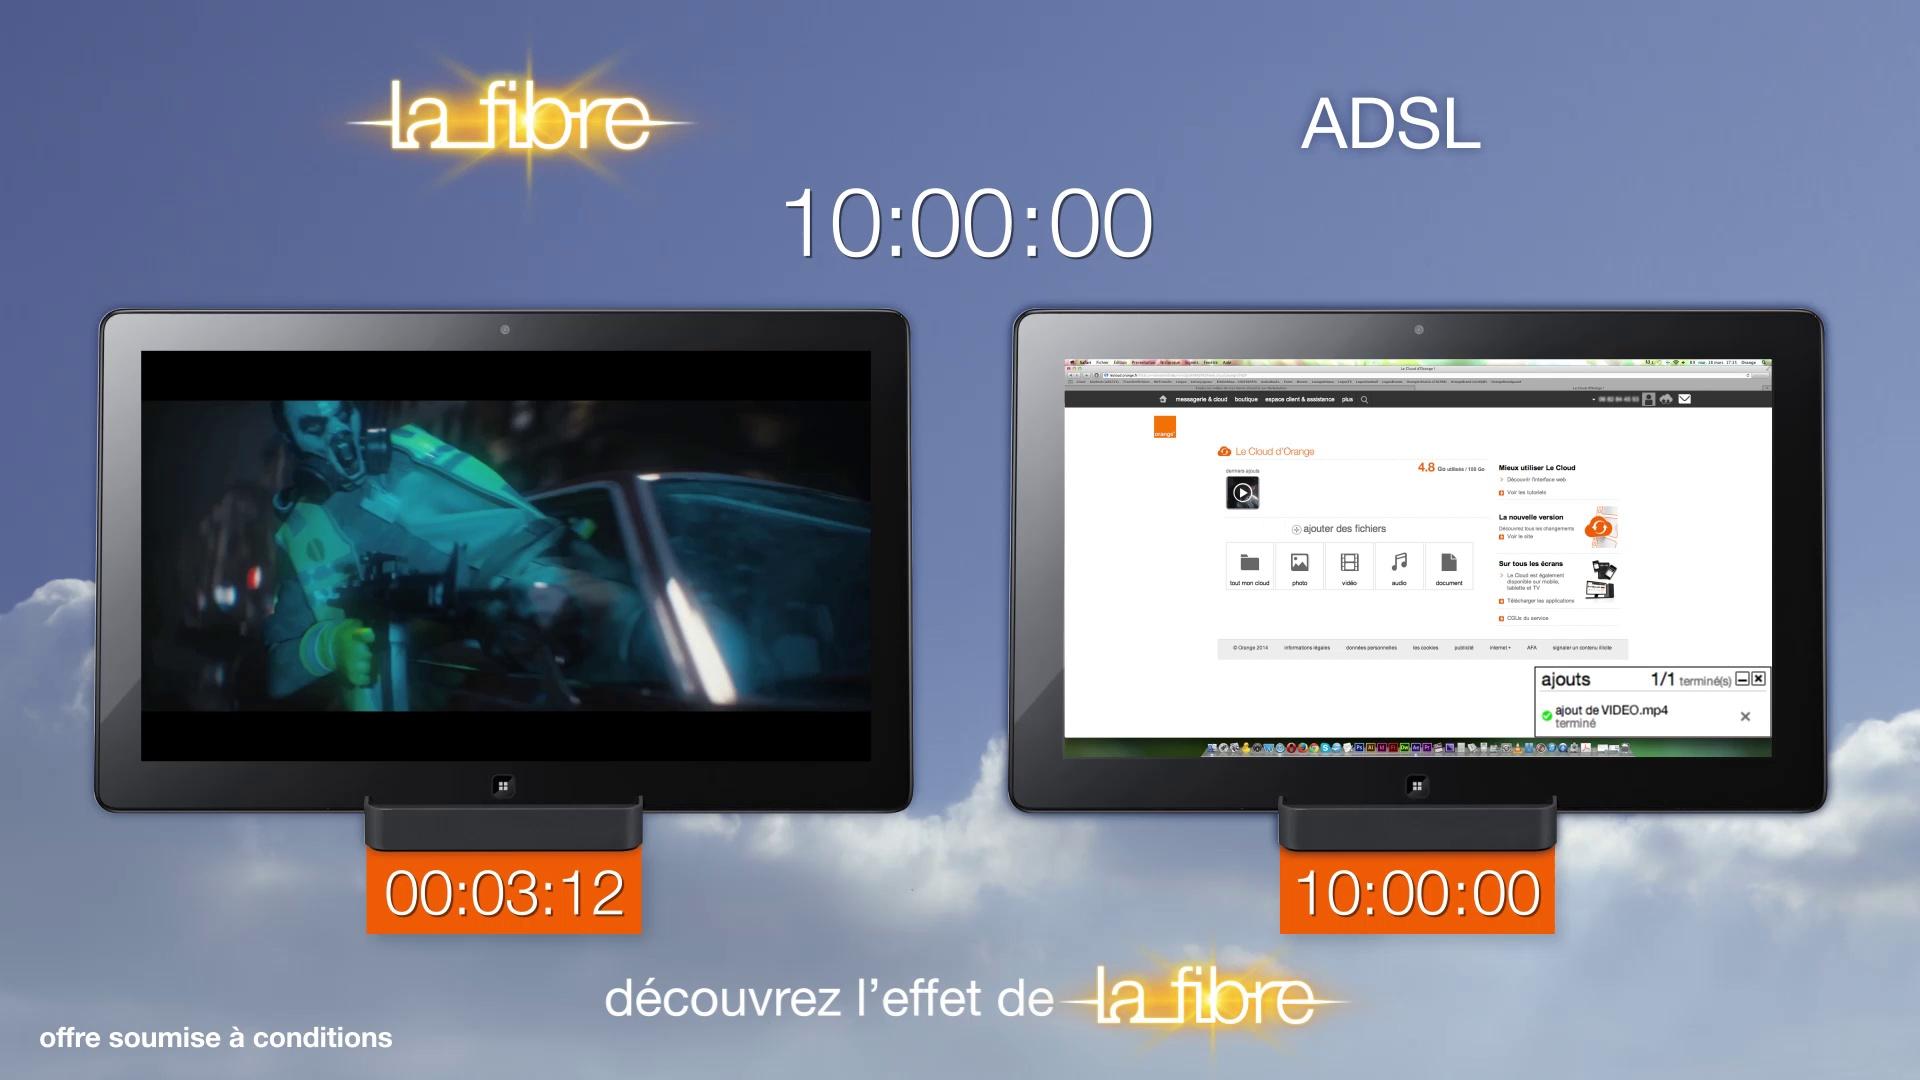 La Fibre vs ADSL